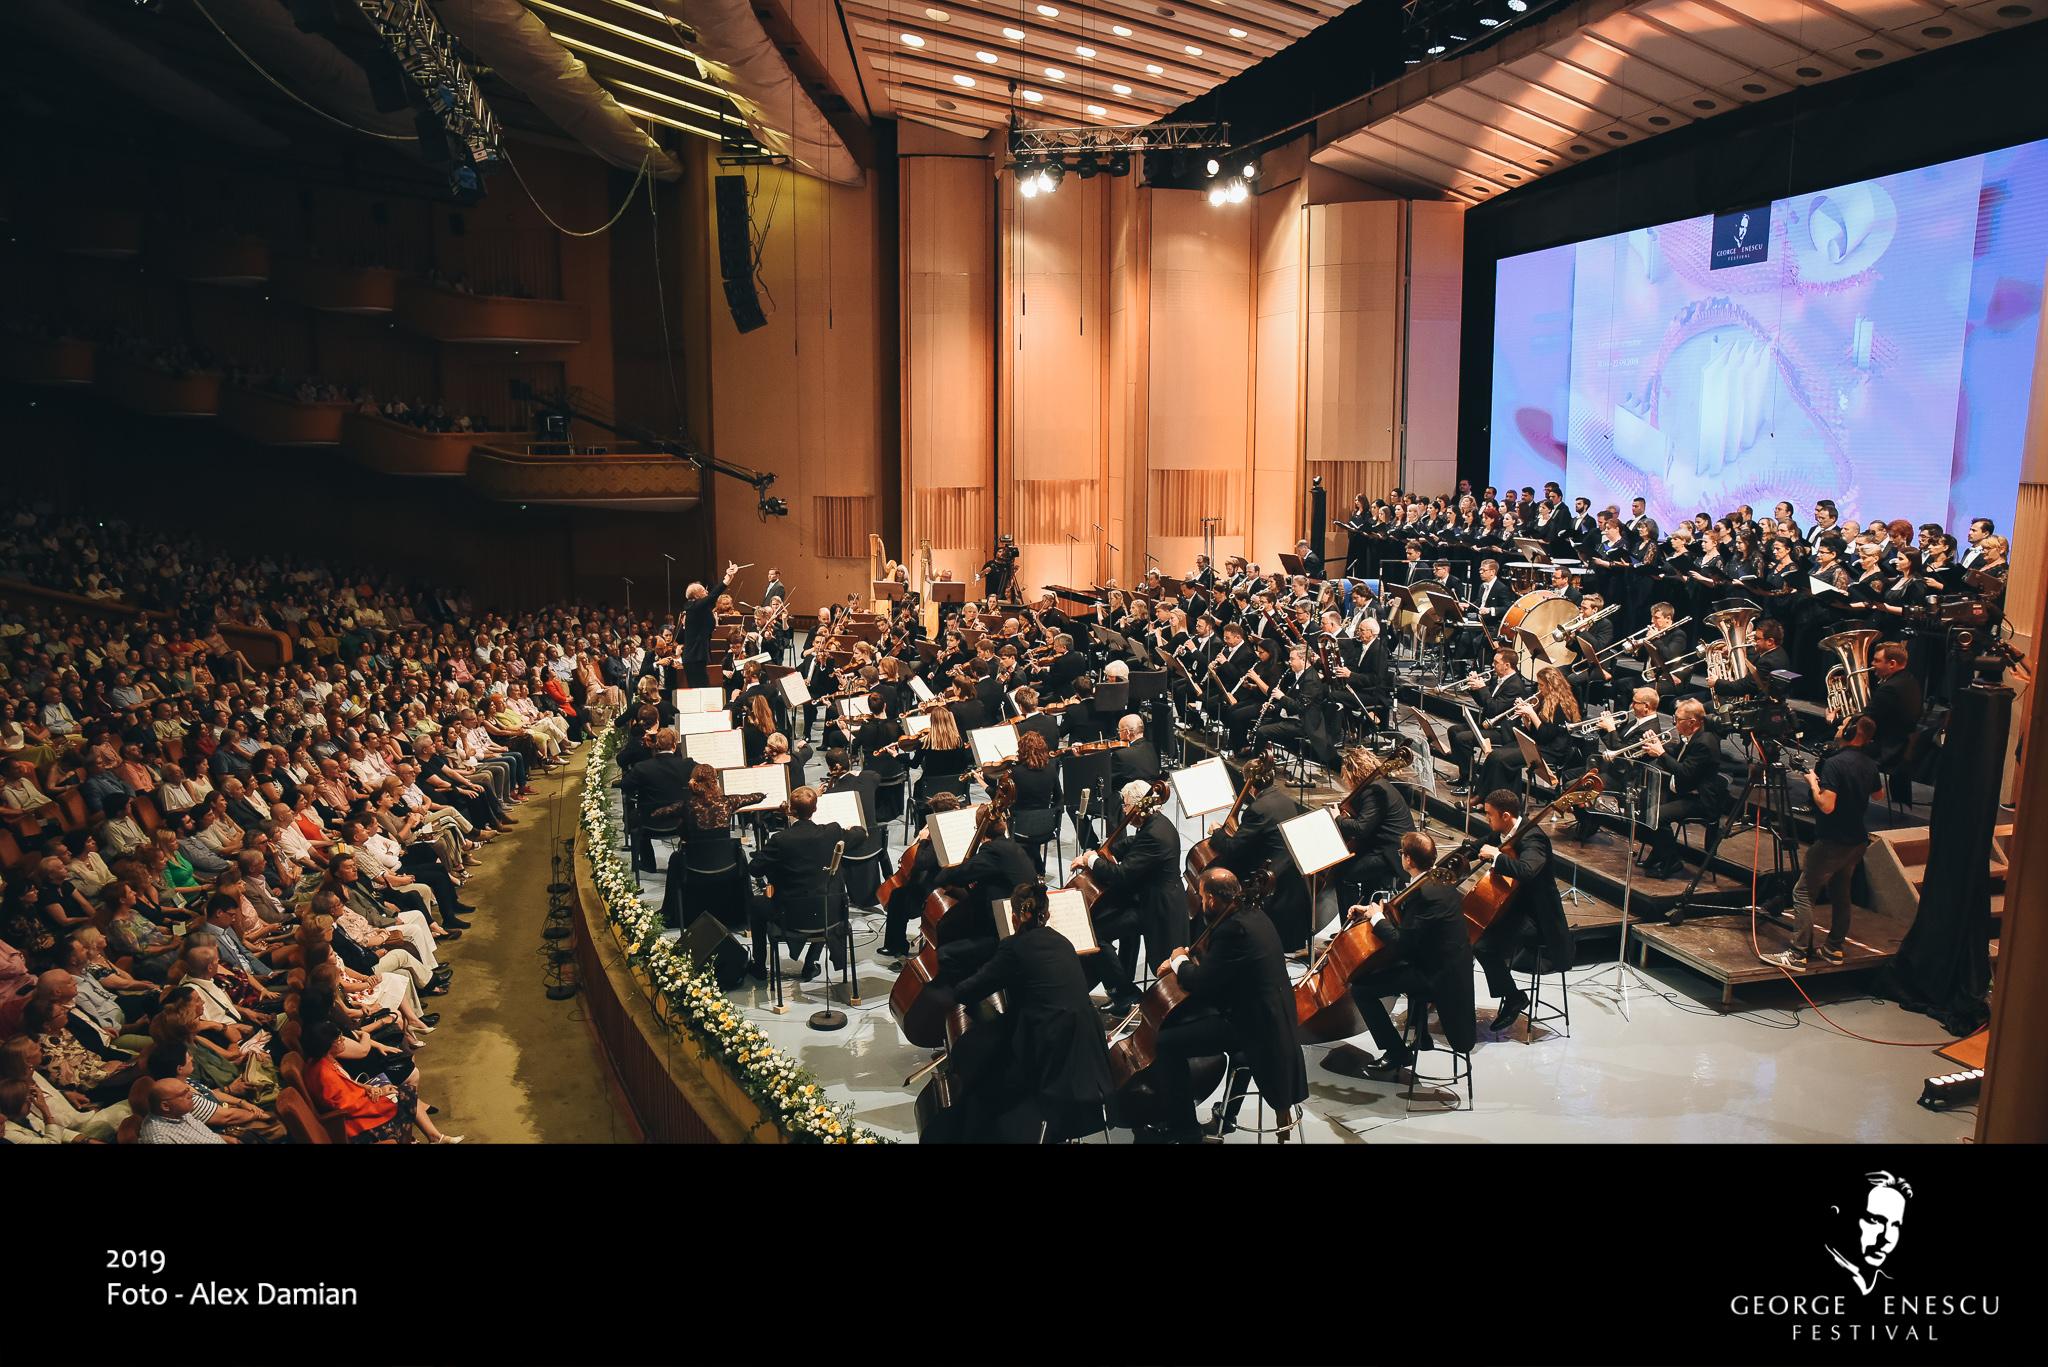 Haideți la Festivalul George Enescu. Biletele urmează să fie puse în vânzare